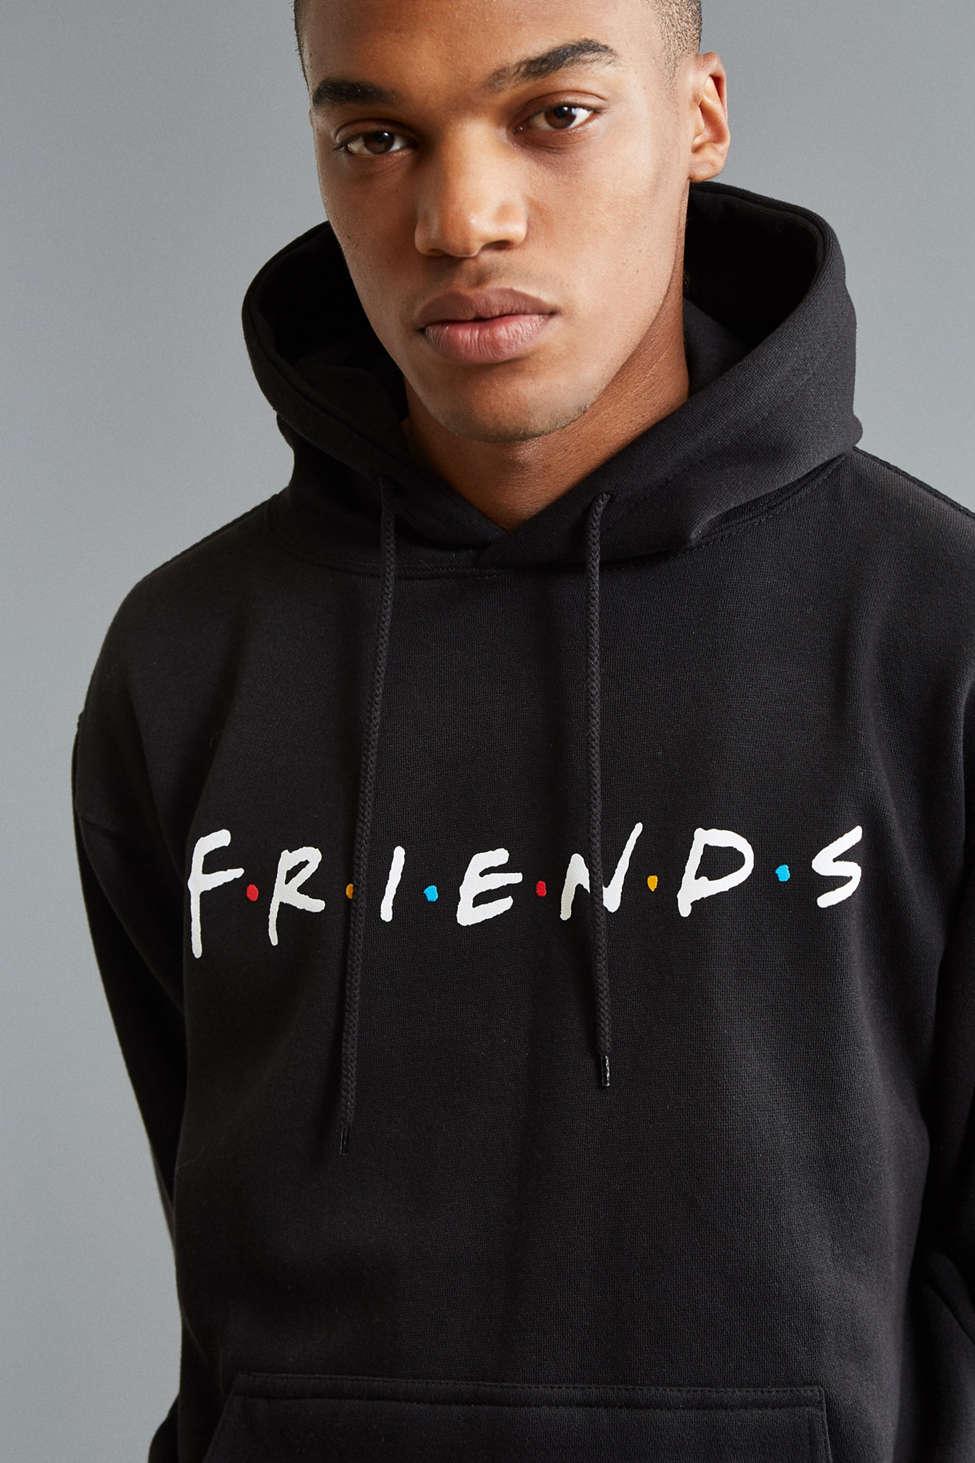 Friends Hoodie Sweatshirt